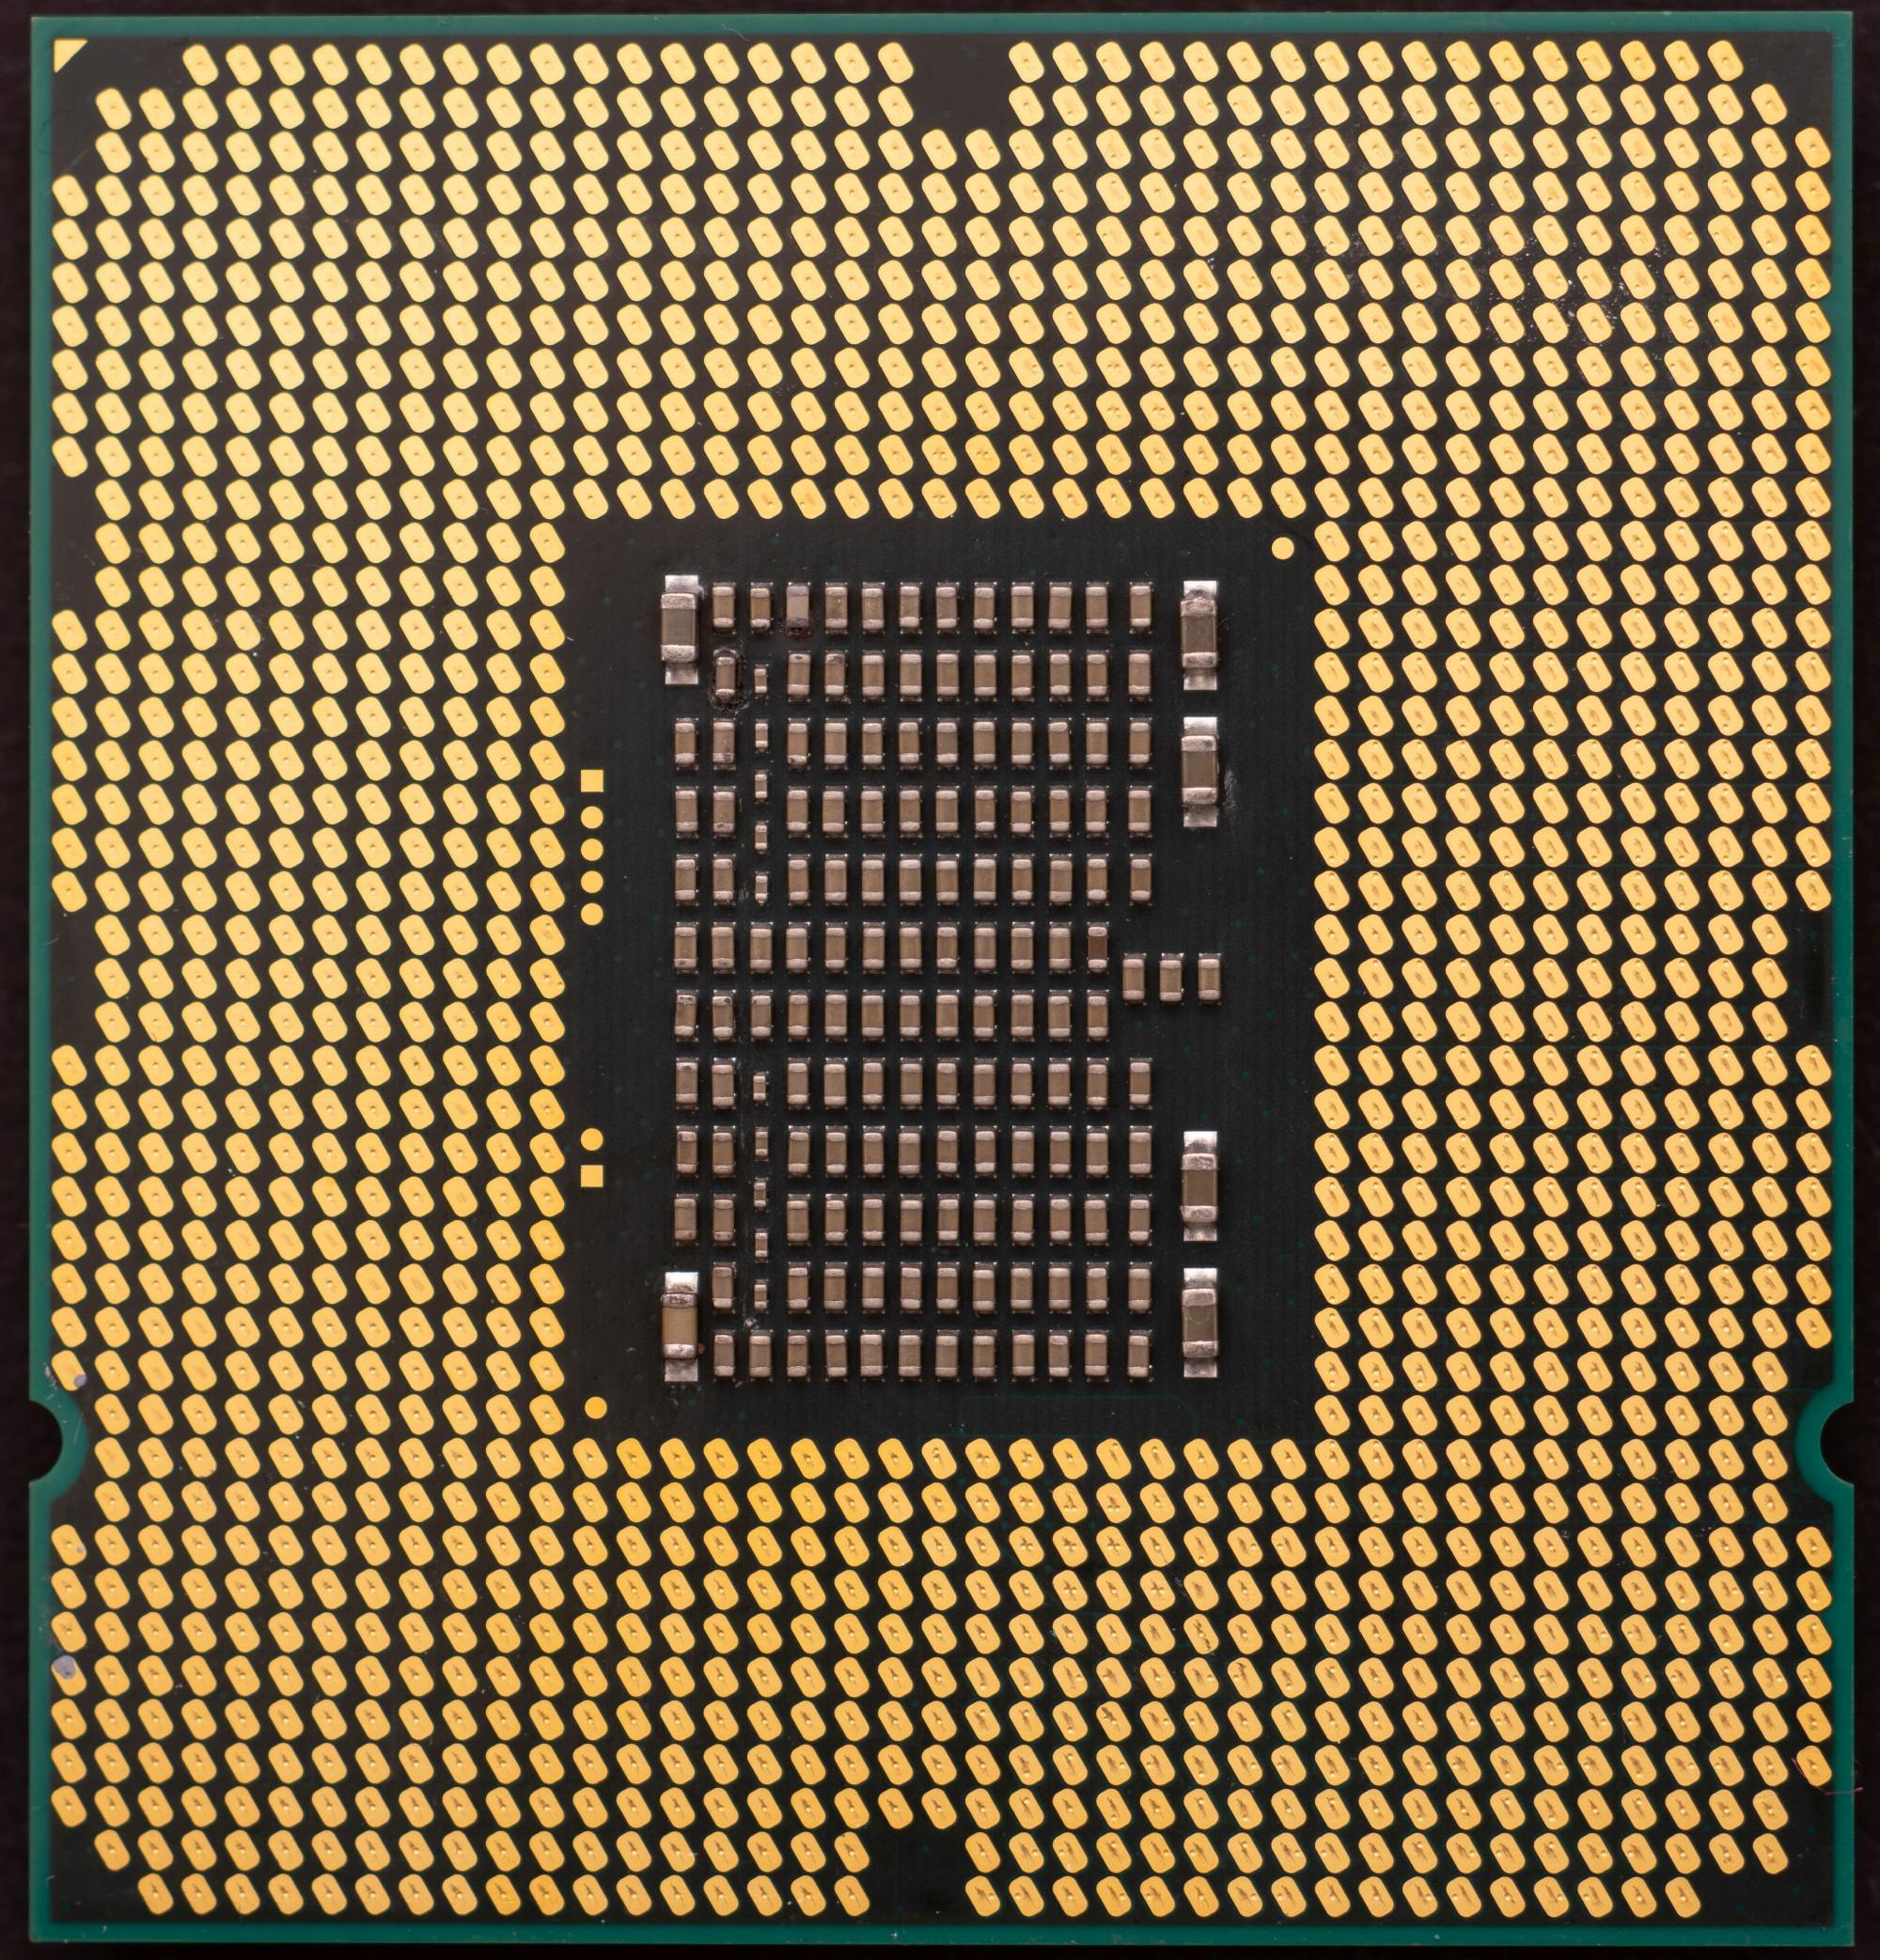 Древности: современный компьютер из старых запчастей - 11